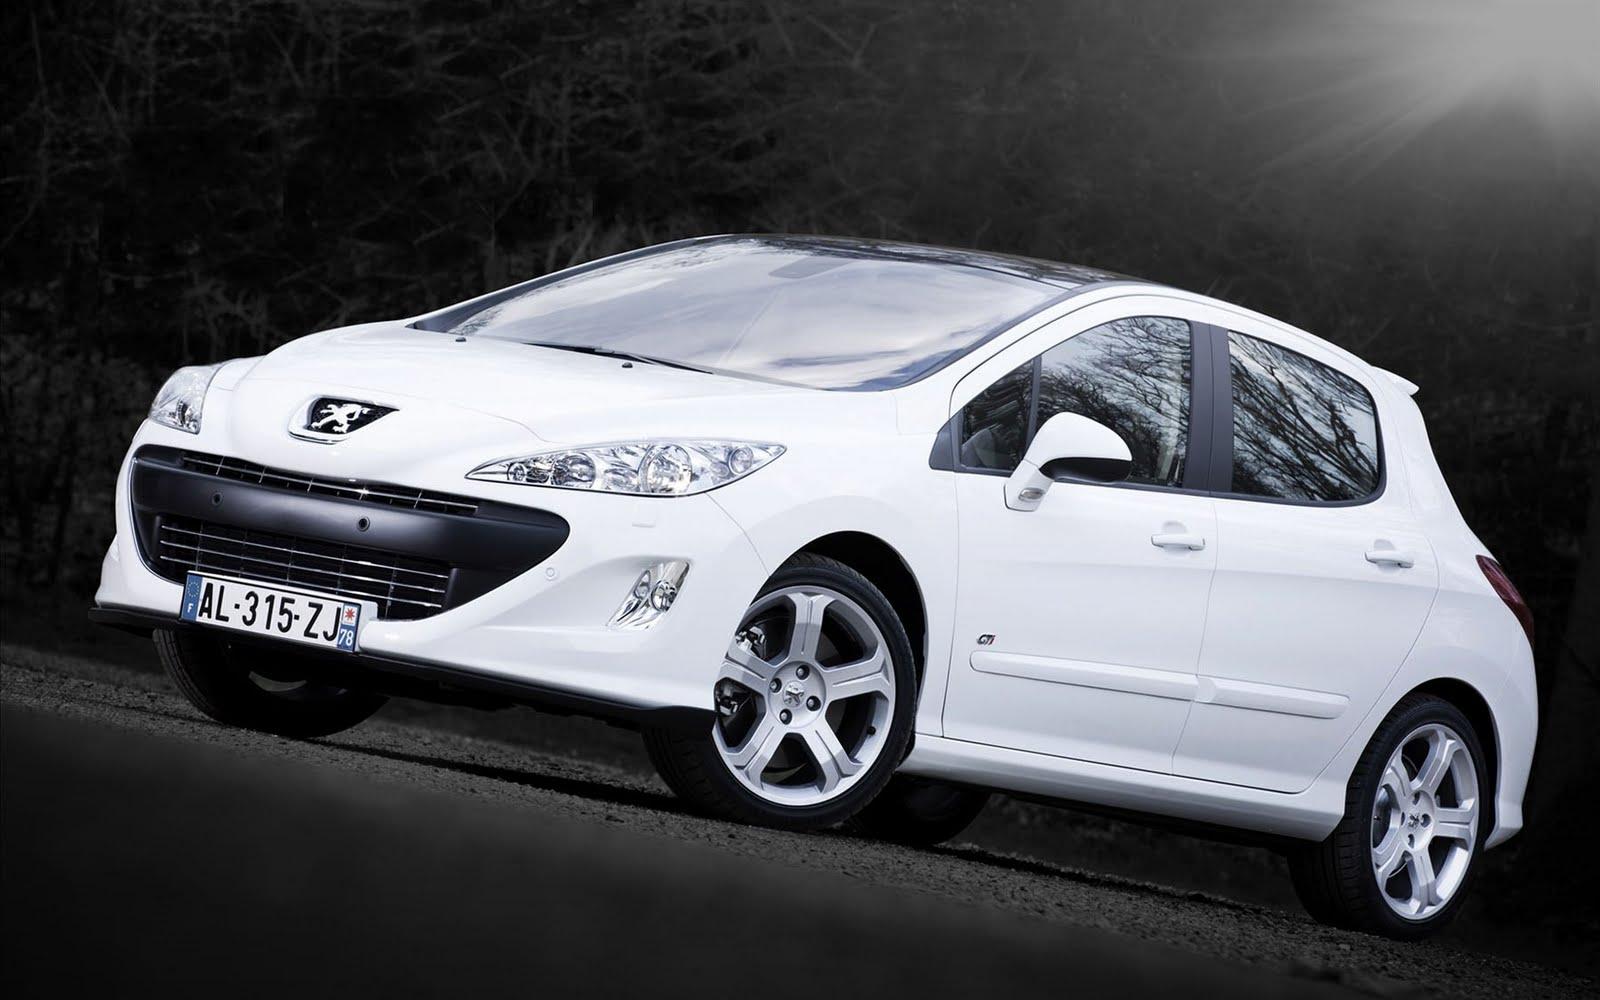 http://3.bp.blogspot.com/_dXE63lwcSrk/TAX2CQyq7gI/AAAAAAAAAoI/BYfx_4DqQws/s1600/Peugeot-308-GTi-Hatchback-2011-wallpaper-02.jpg